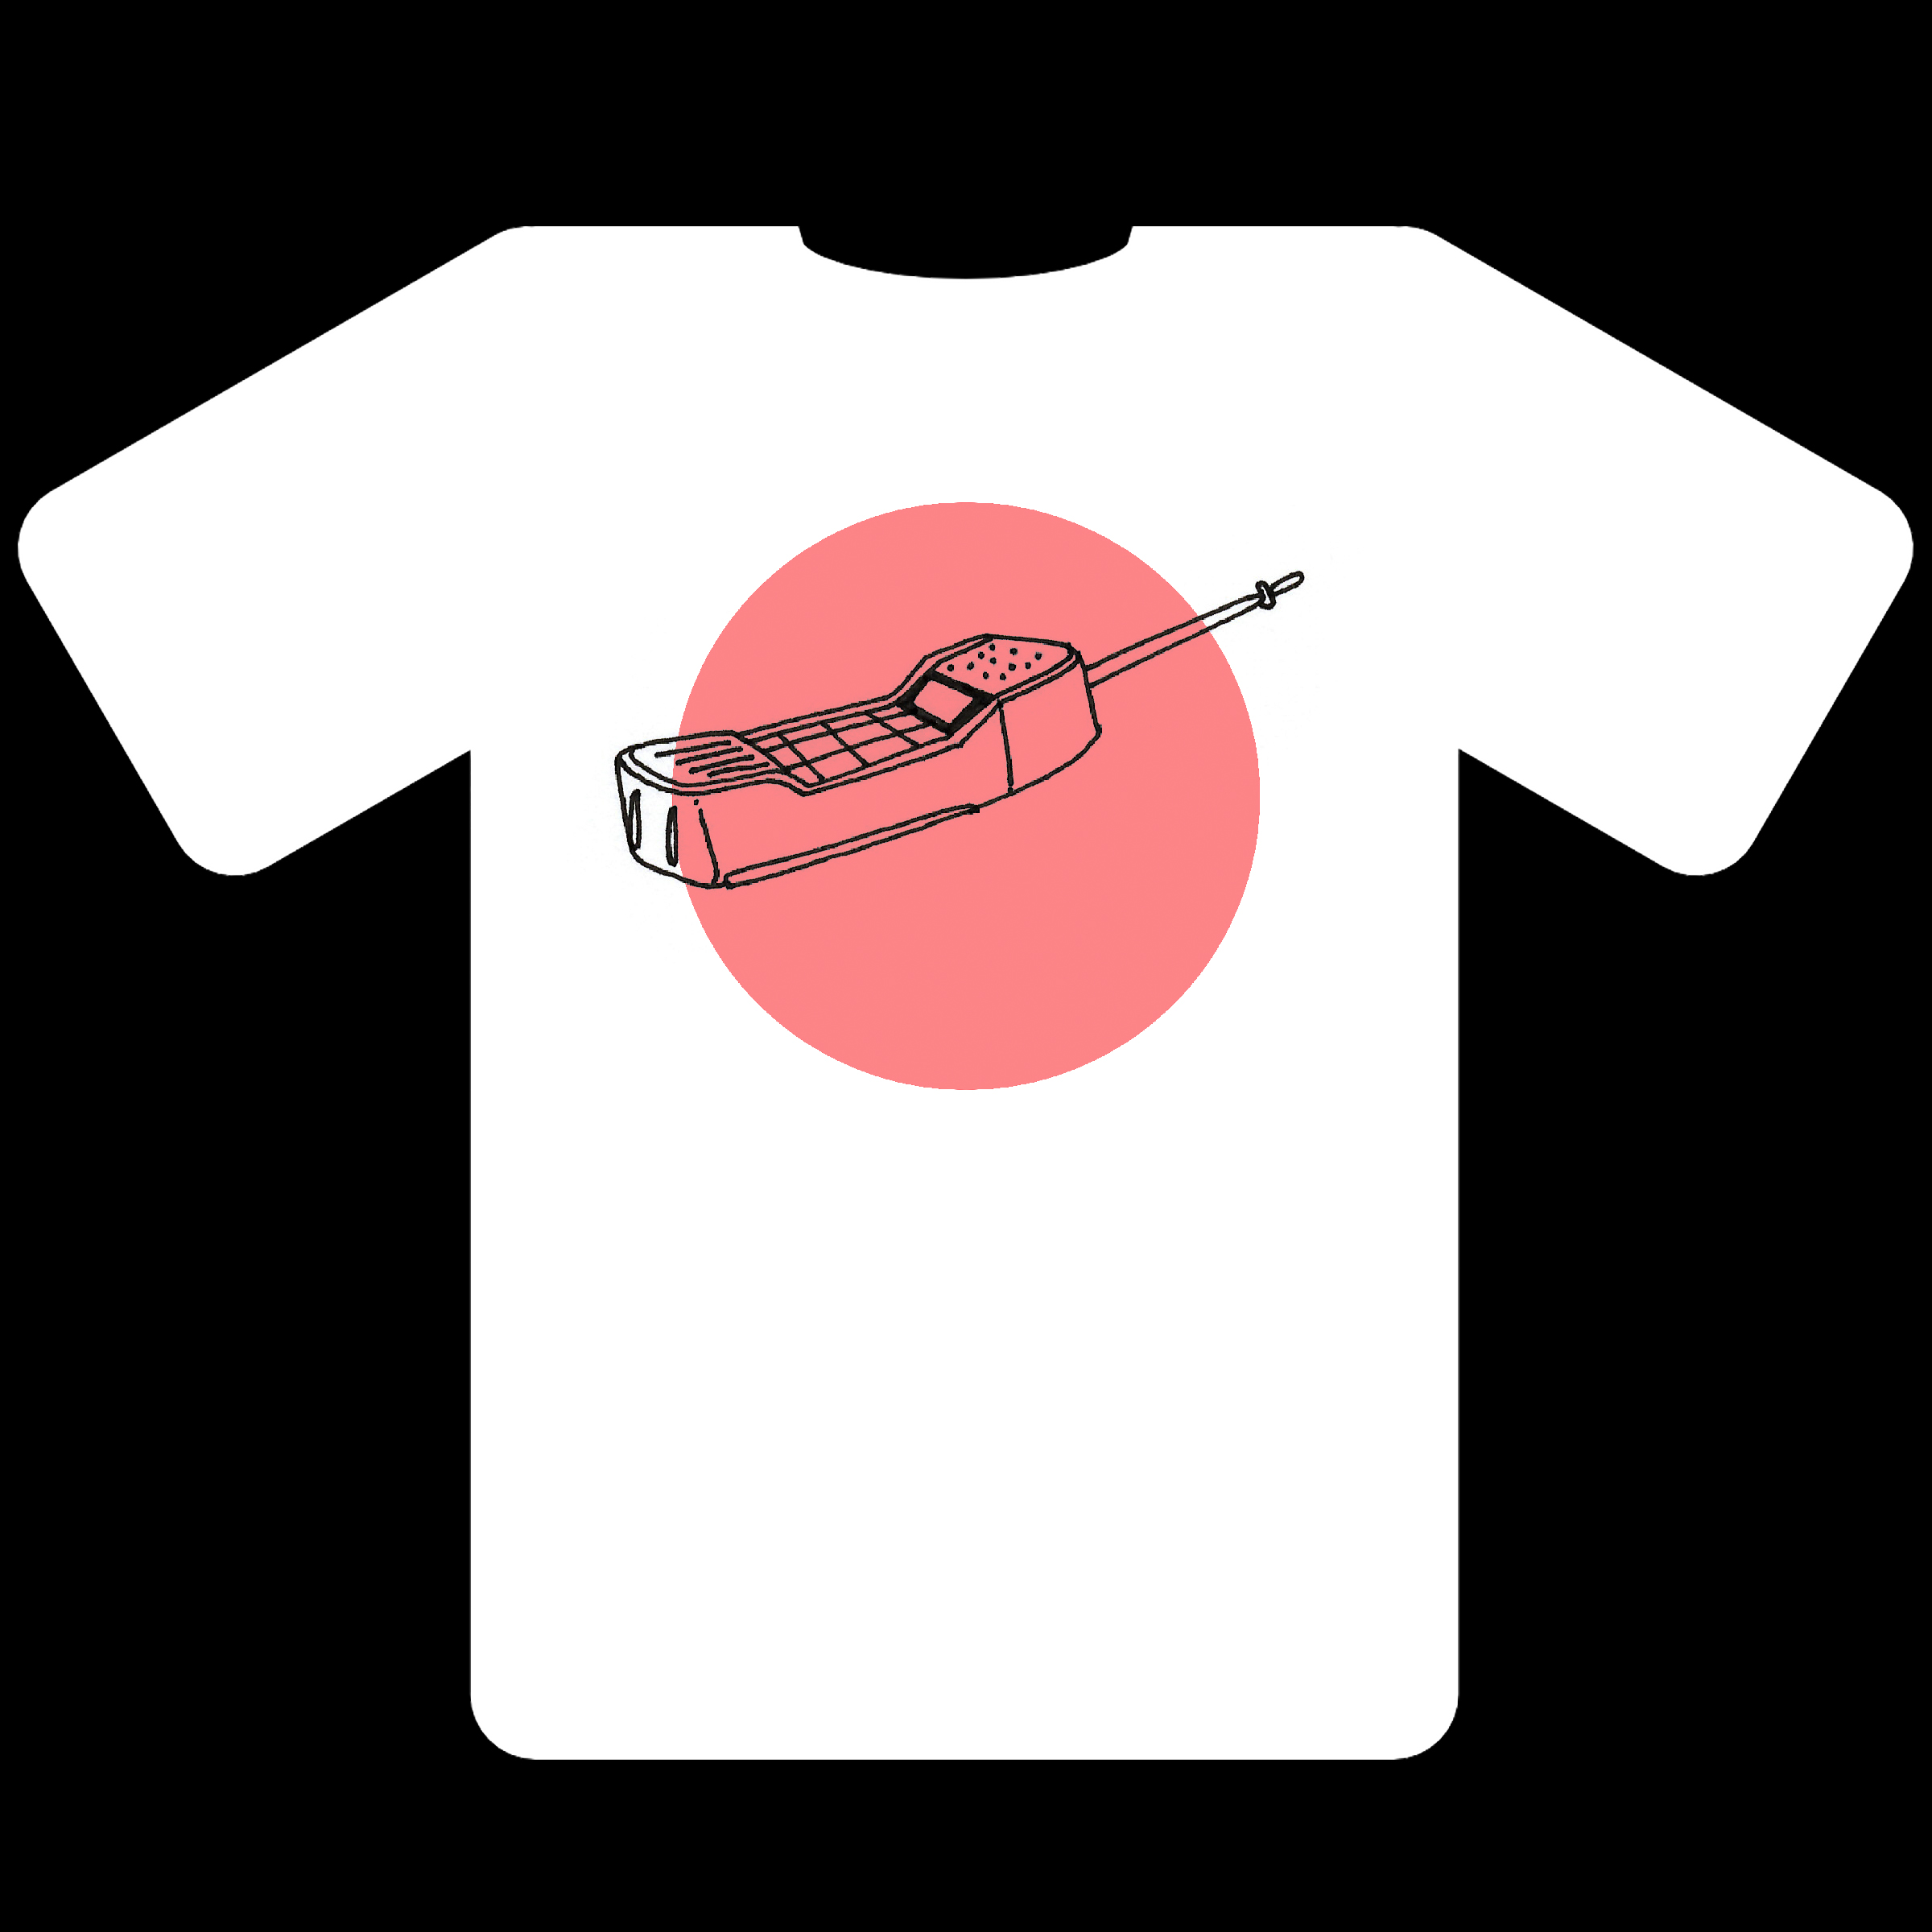 phone shirt.jpg